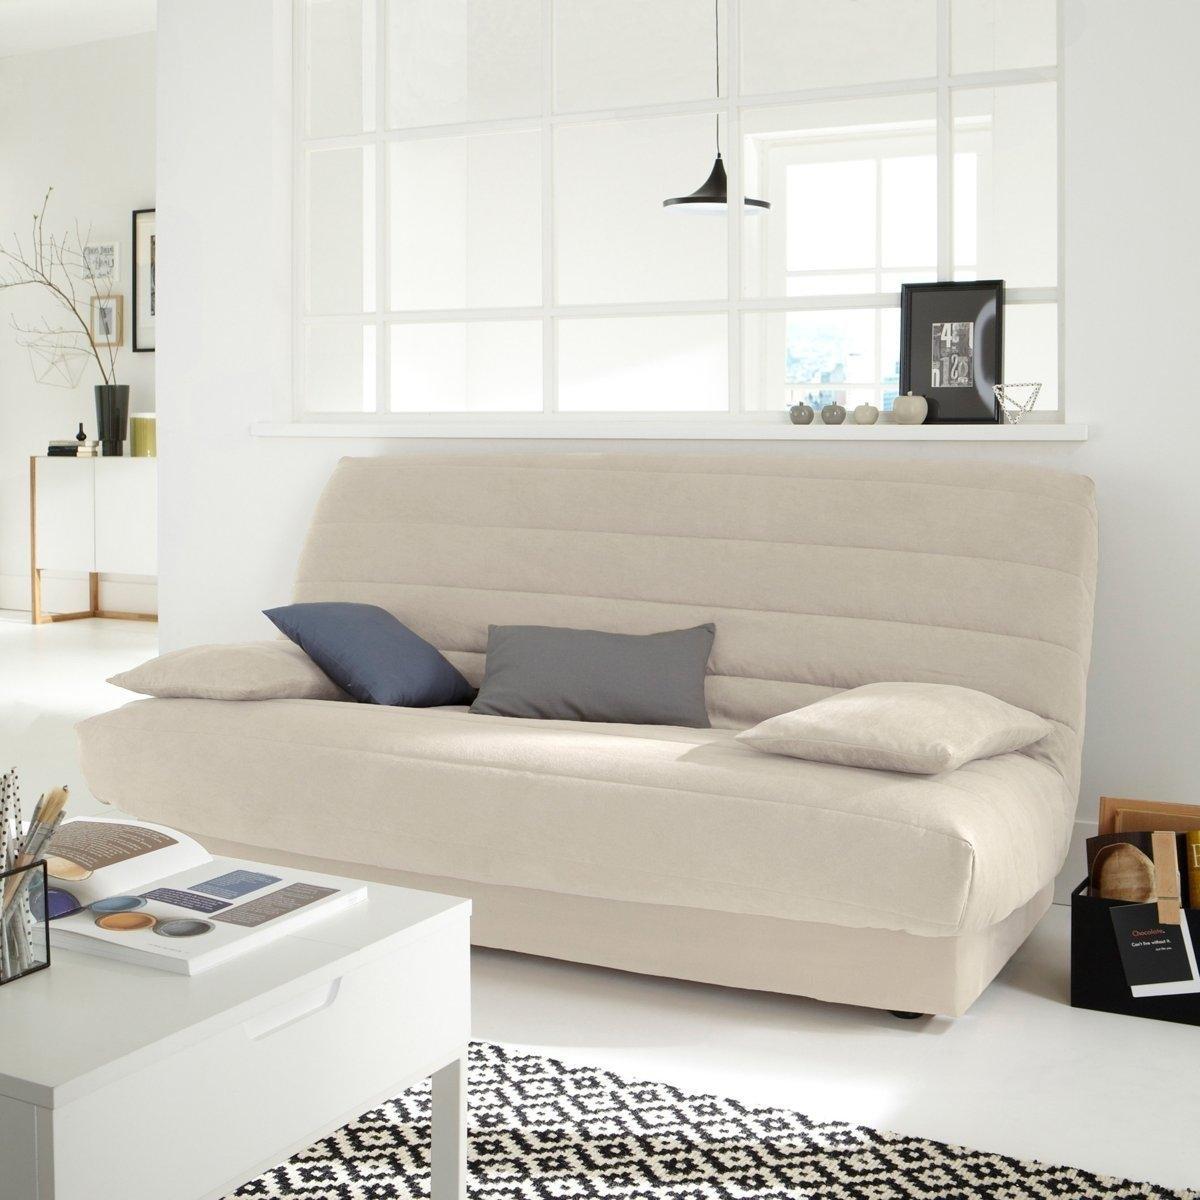 Чехол для раскладного дивана из искусственной замшиЧехол для раскладного дивана из очень мягкой и бархатистой искусственной замши. Модель хорошо обтягивает диван (частично сзади).Характеристики чехла для раскладного дивана из искусственной замши:- 100 % полиэстер.- Наполнитель из полиэстера, 120 г/м?.Эластичные края.- Размеры : ширина 190 см, глубина 65 см.- Стирка при 30°.<br><br>Цвет: антрацит,бежевый песочный,красный,светло-желто-каштановый,серый жемчужный,шоколадно-каштановый<br>Размер: единый размер.единый размер.единый размер